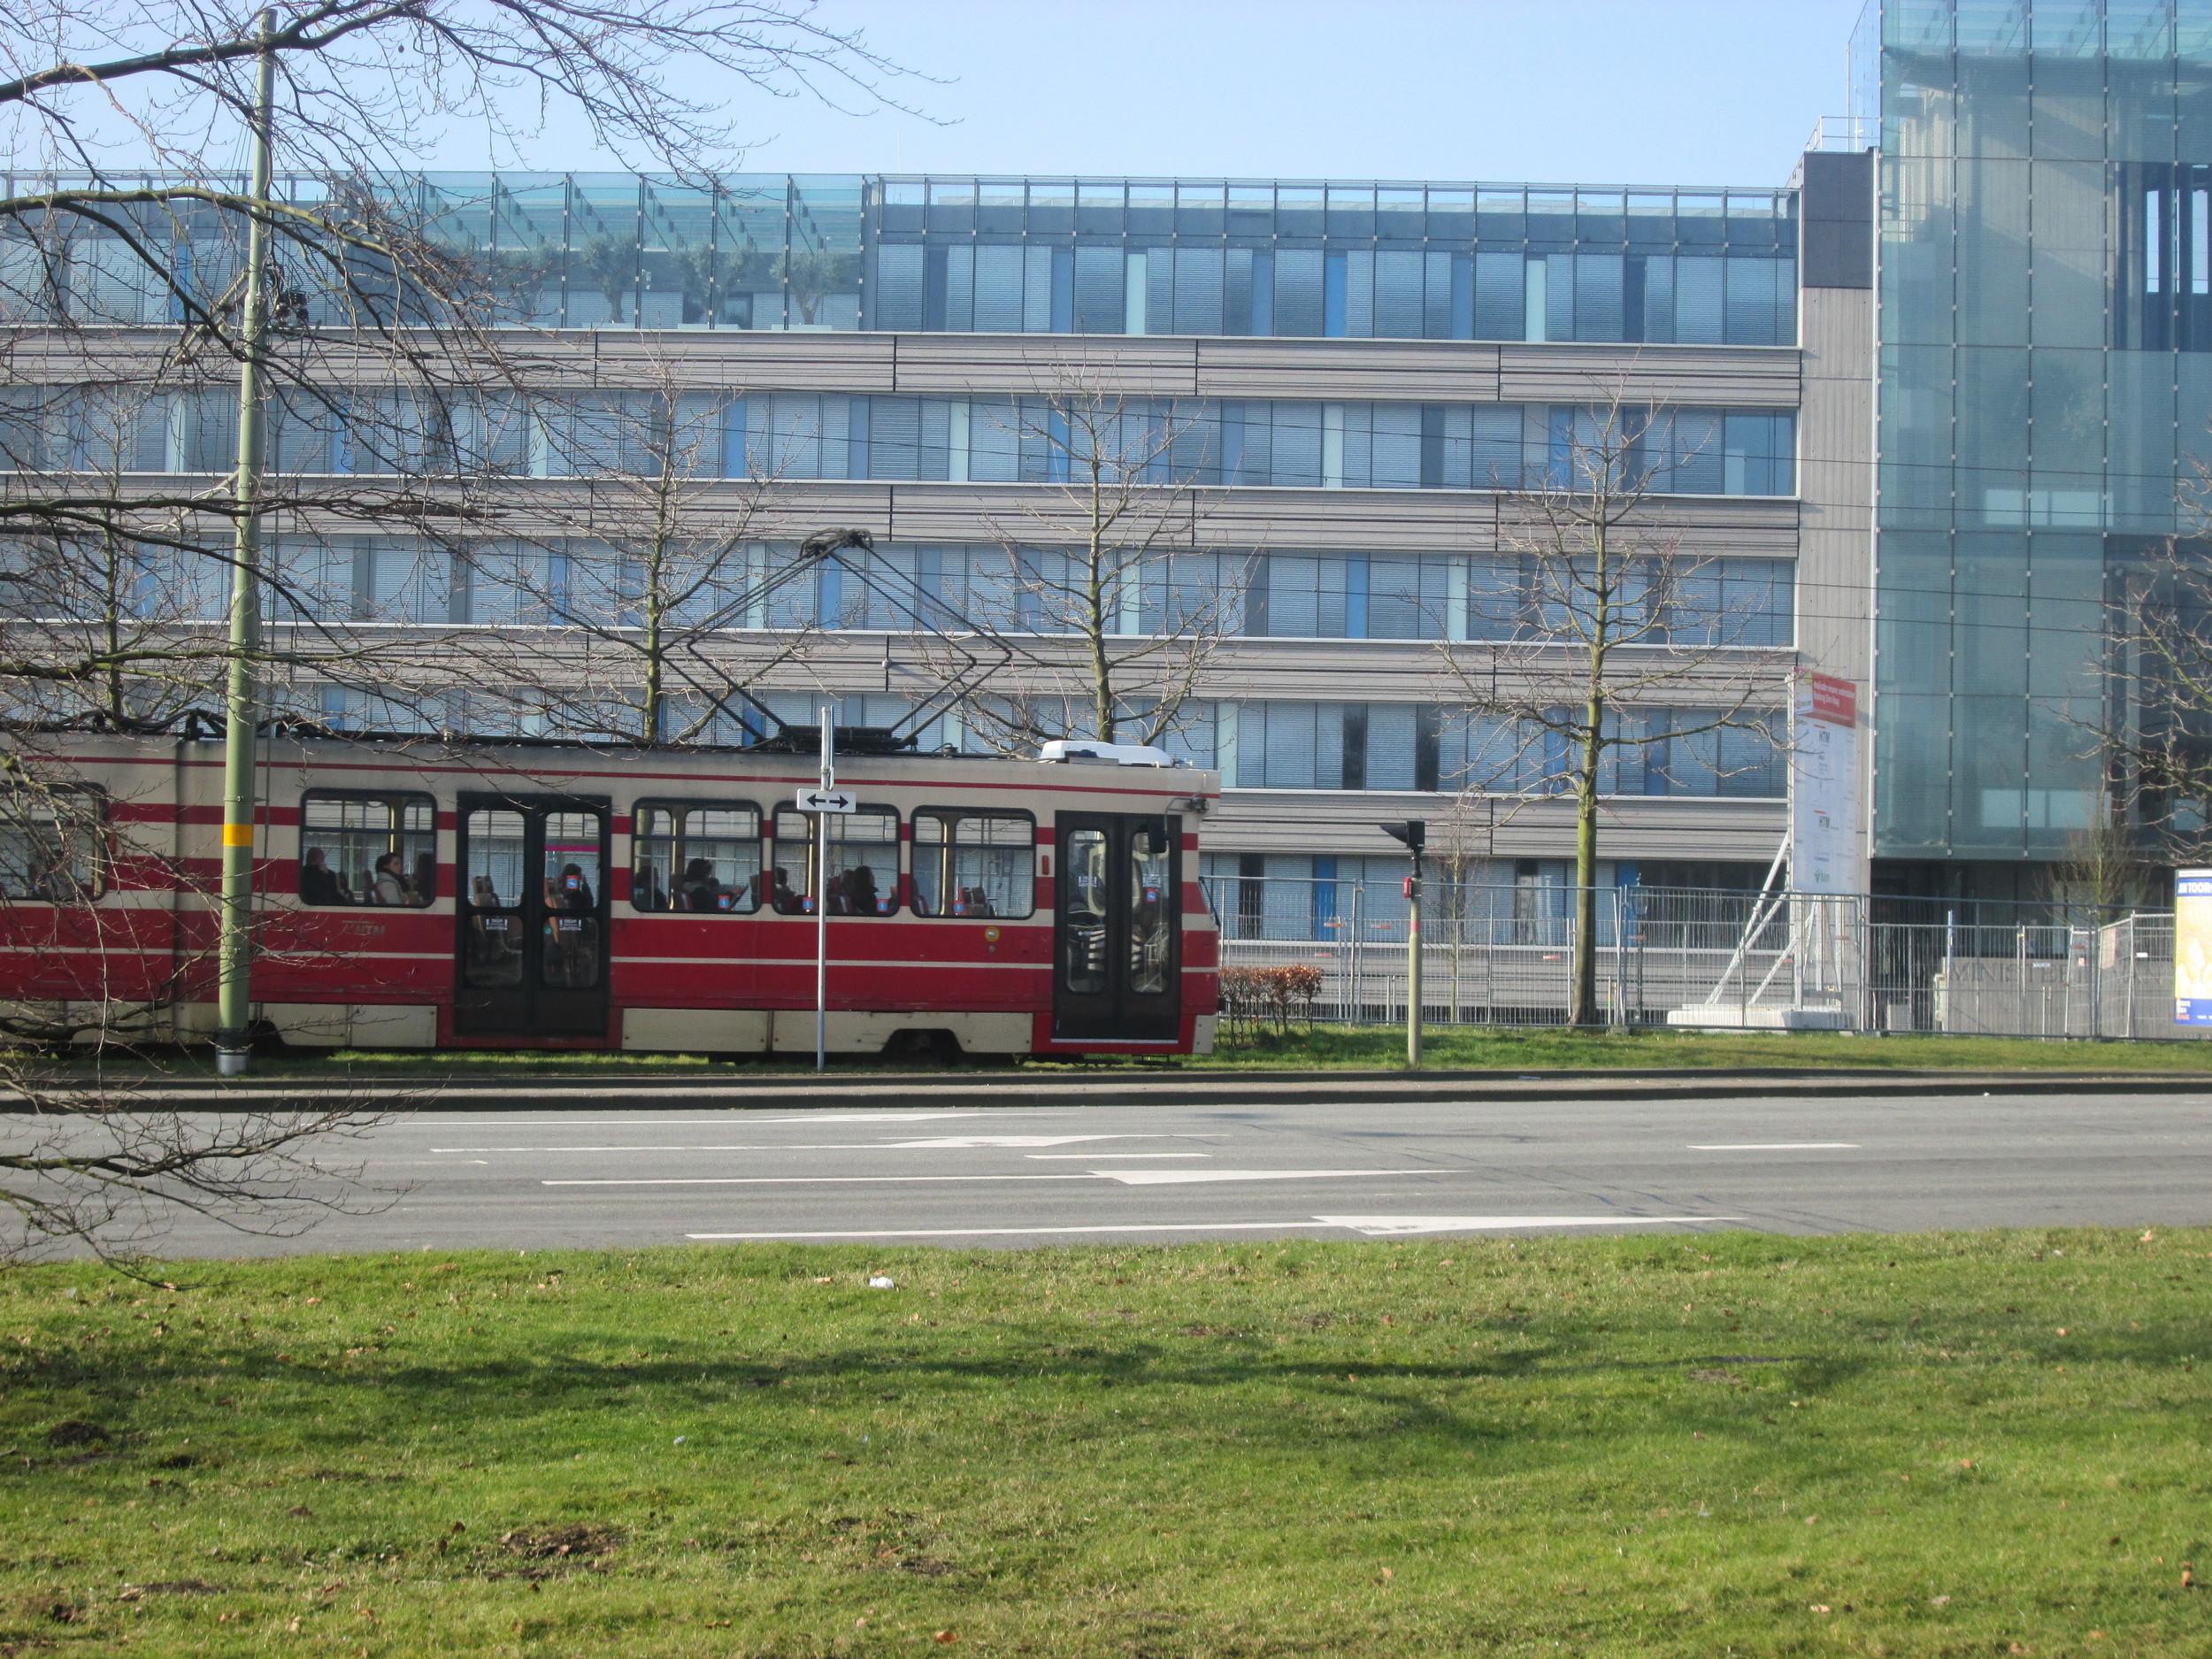 Public transport in Den Haag